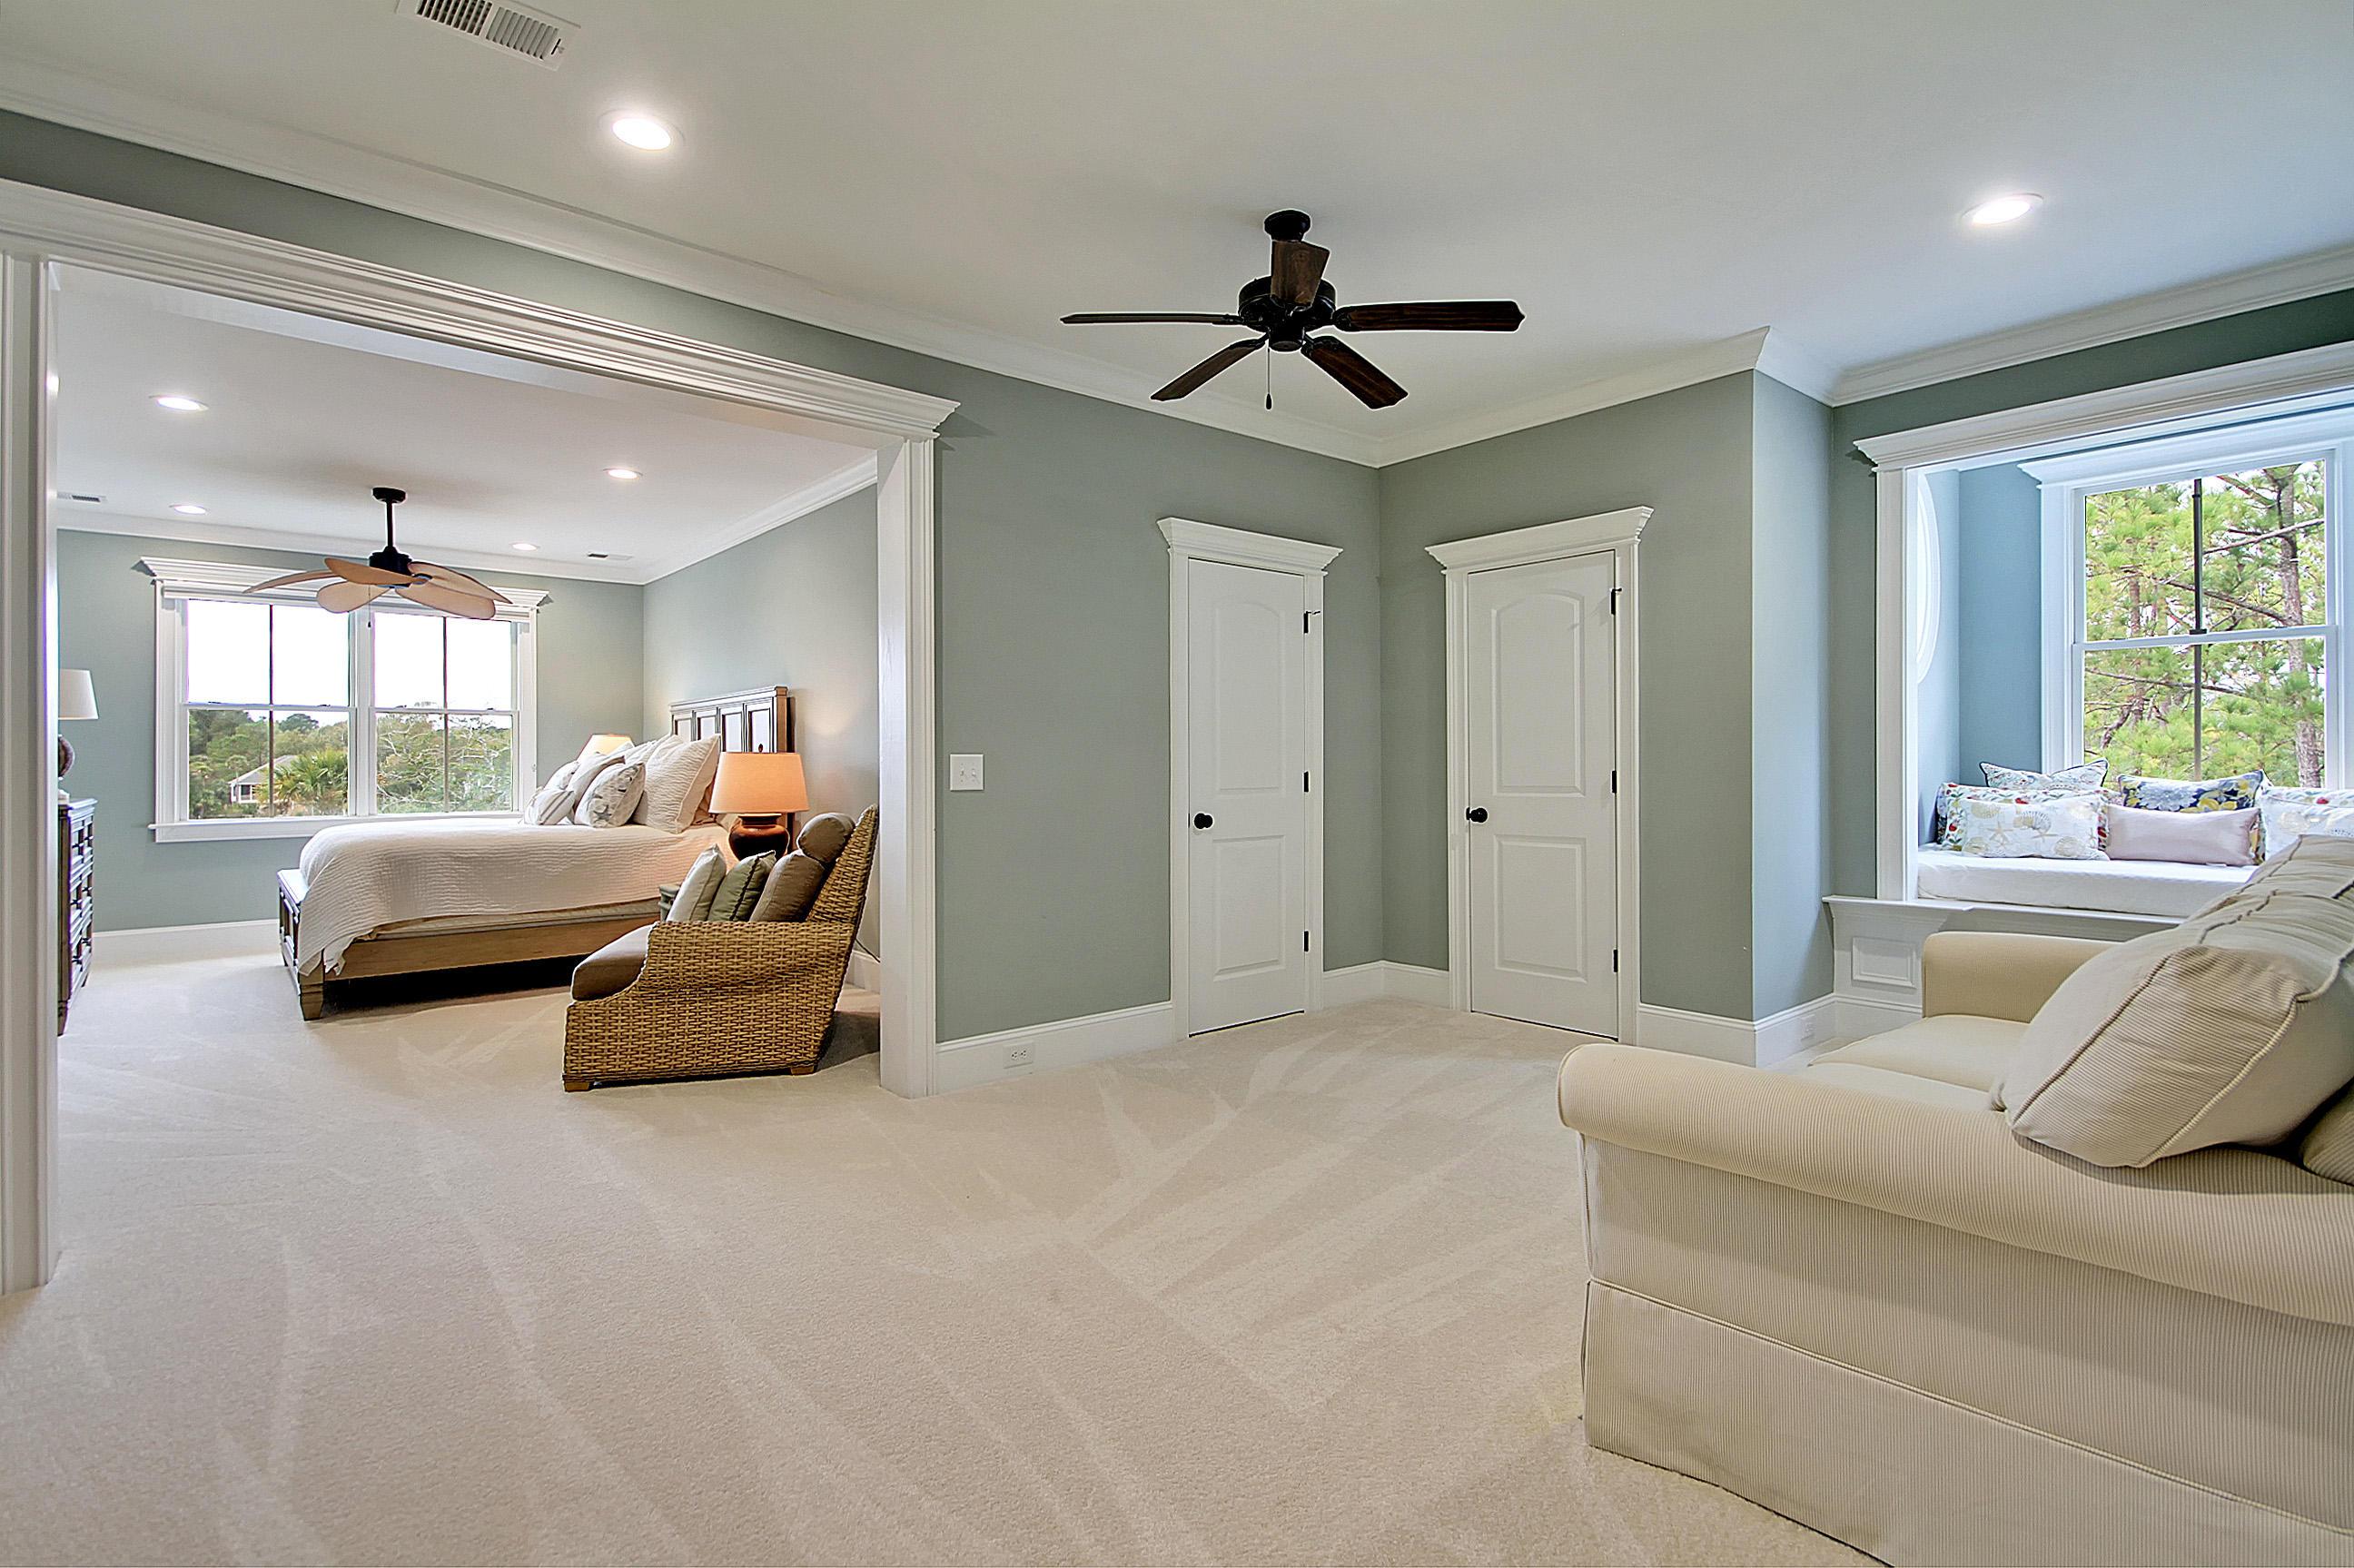 Park West Homes For Sale - 3940 Ashton Shore, Mount Pleasant, SC - 11